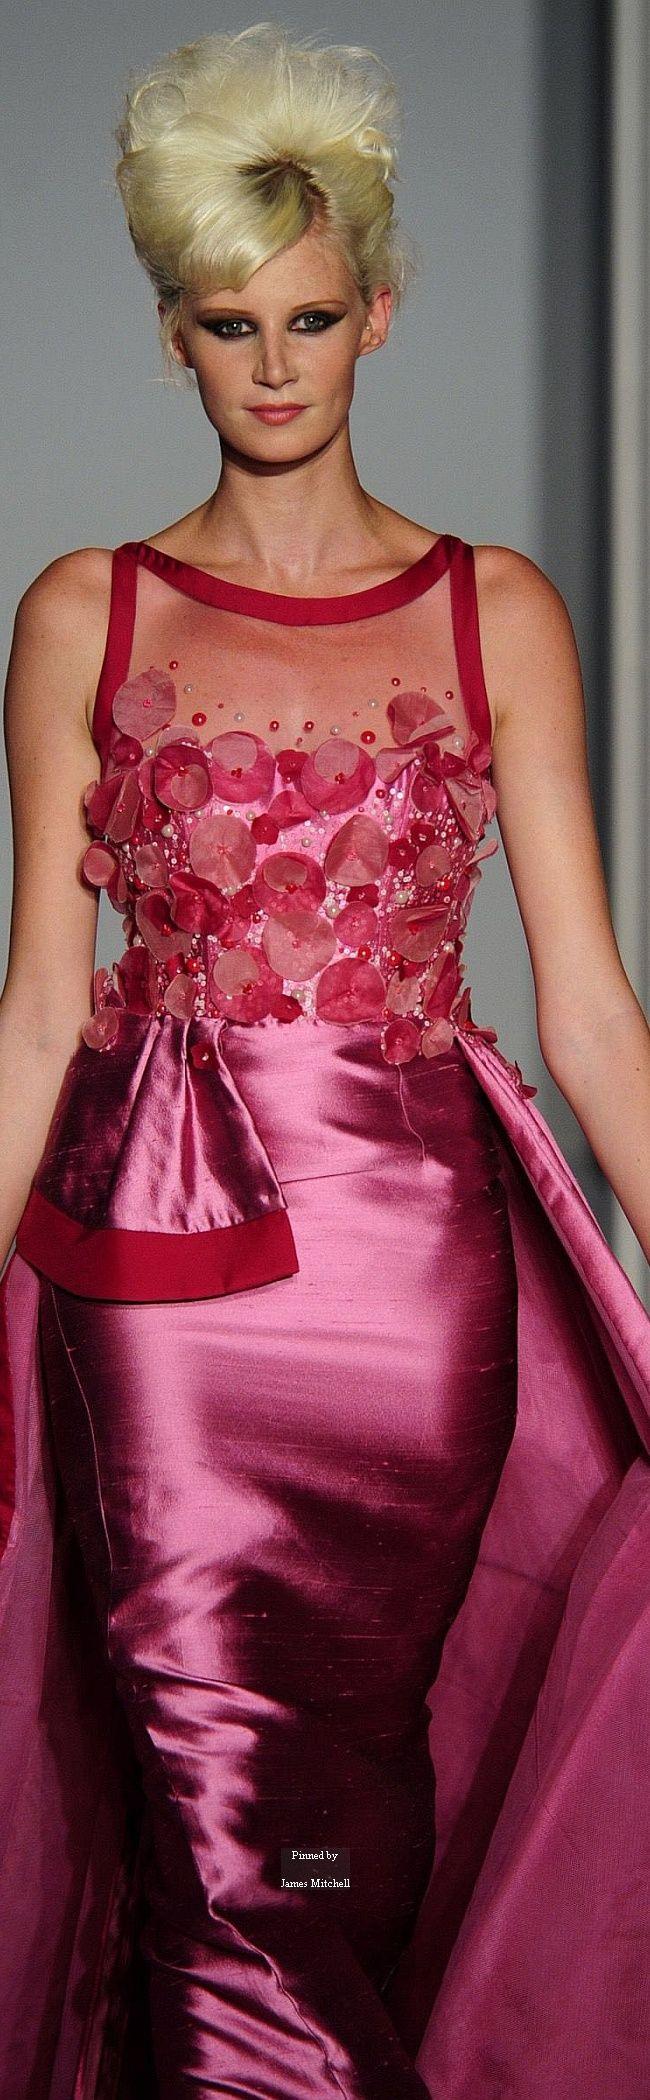 Mejores 37570 imágenes de outfits en Pinterest | Ropa, Couture y ...